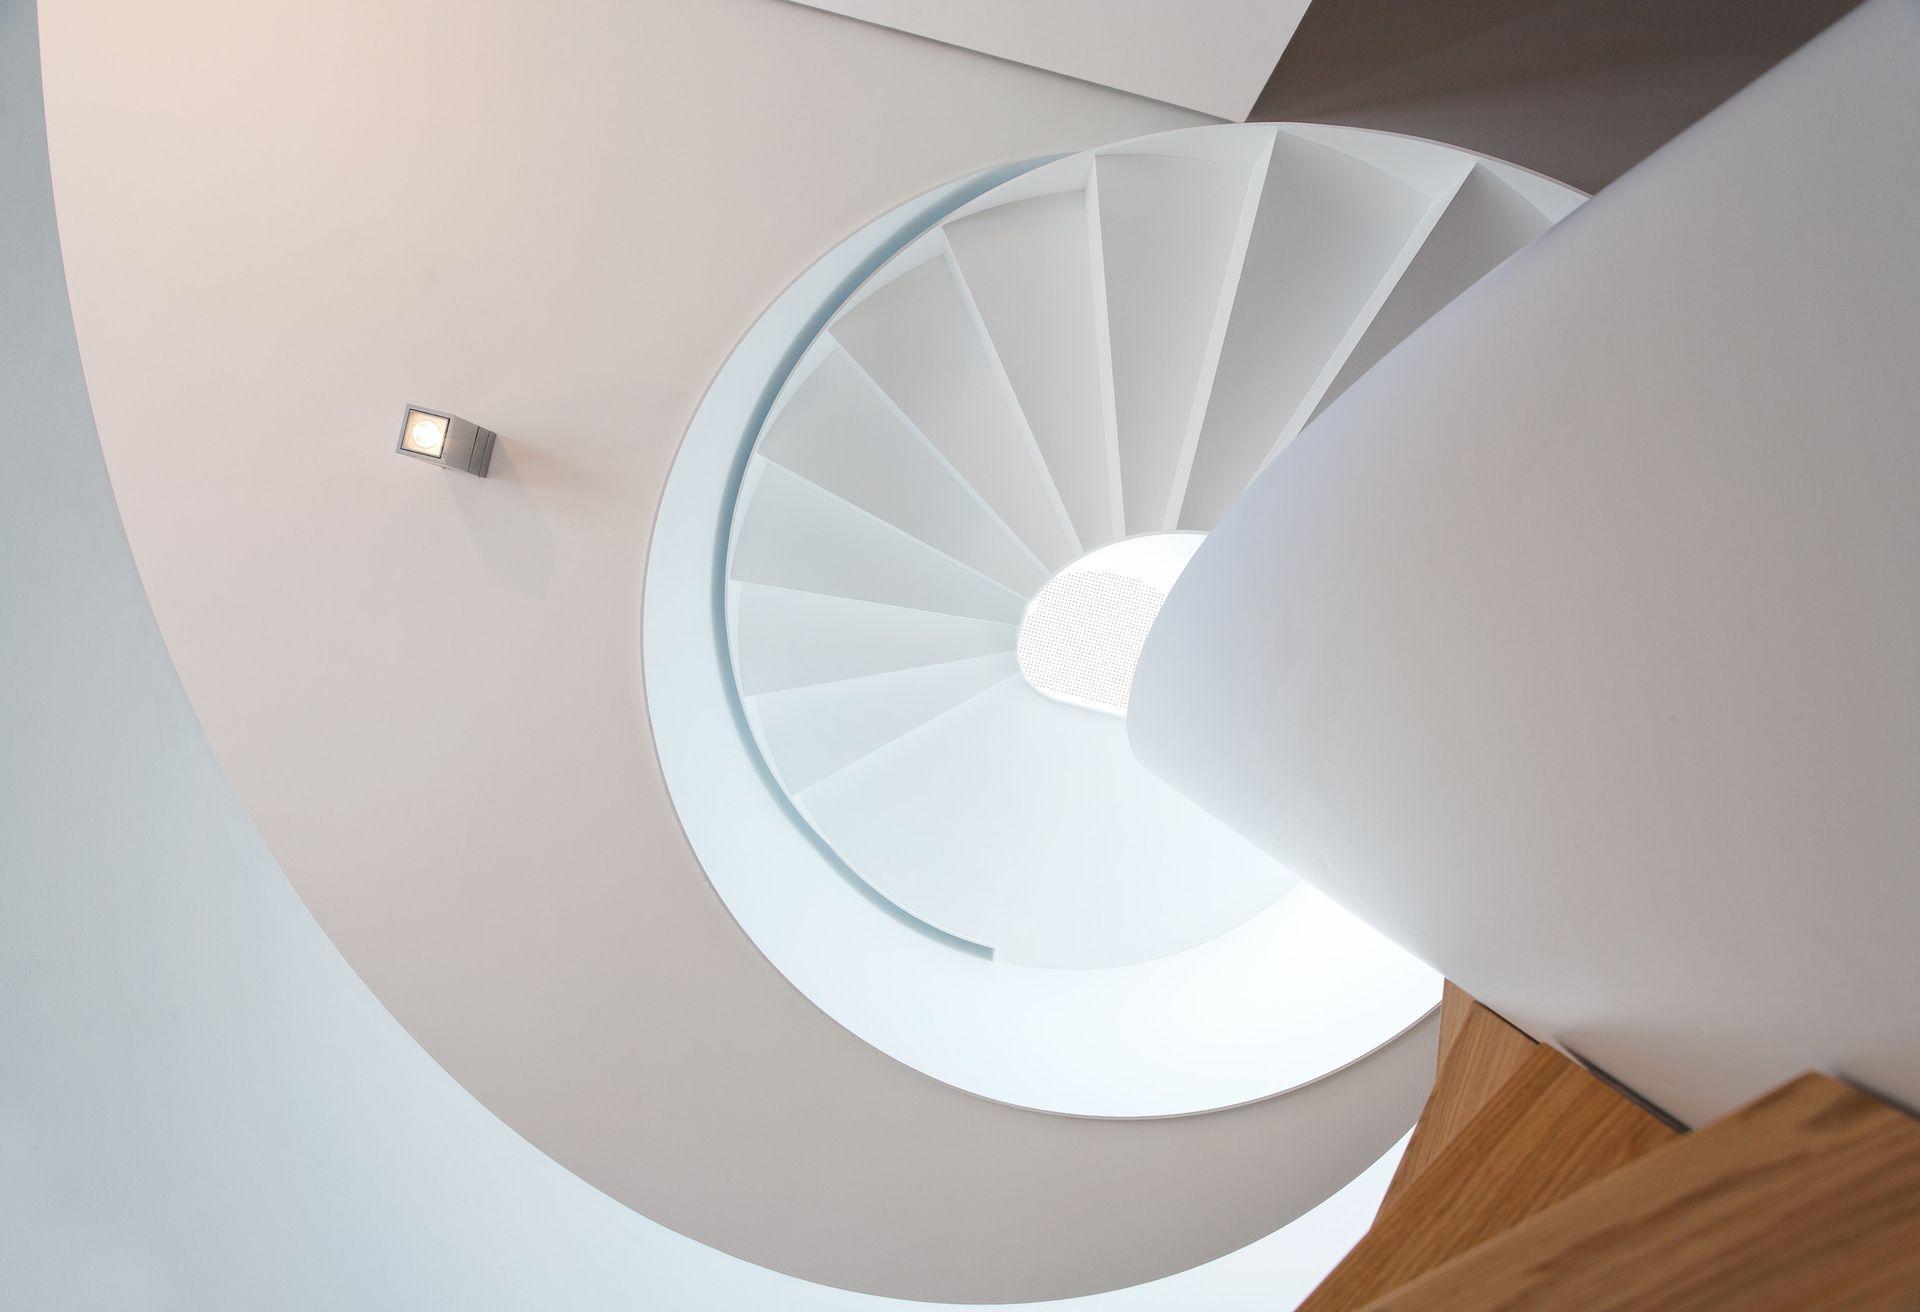 Holz treppe design atmos studio